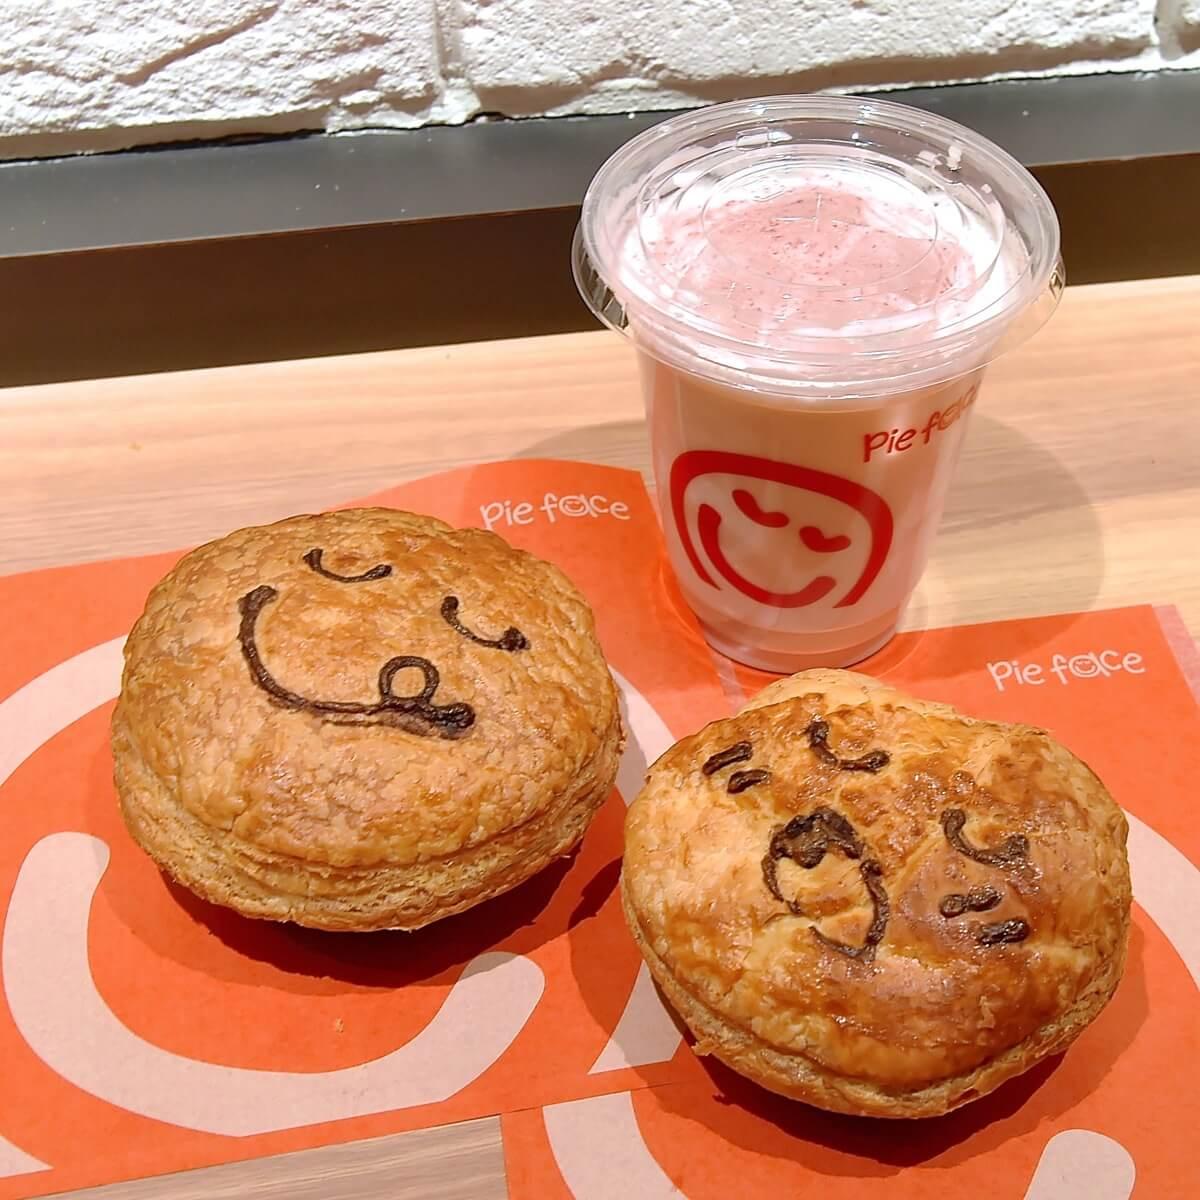 """パイフェイス""""Happy Spring Pie face"""""""